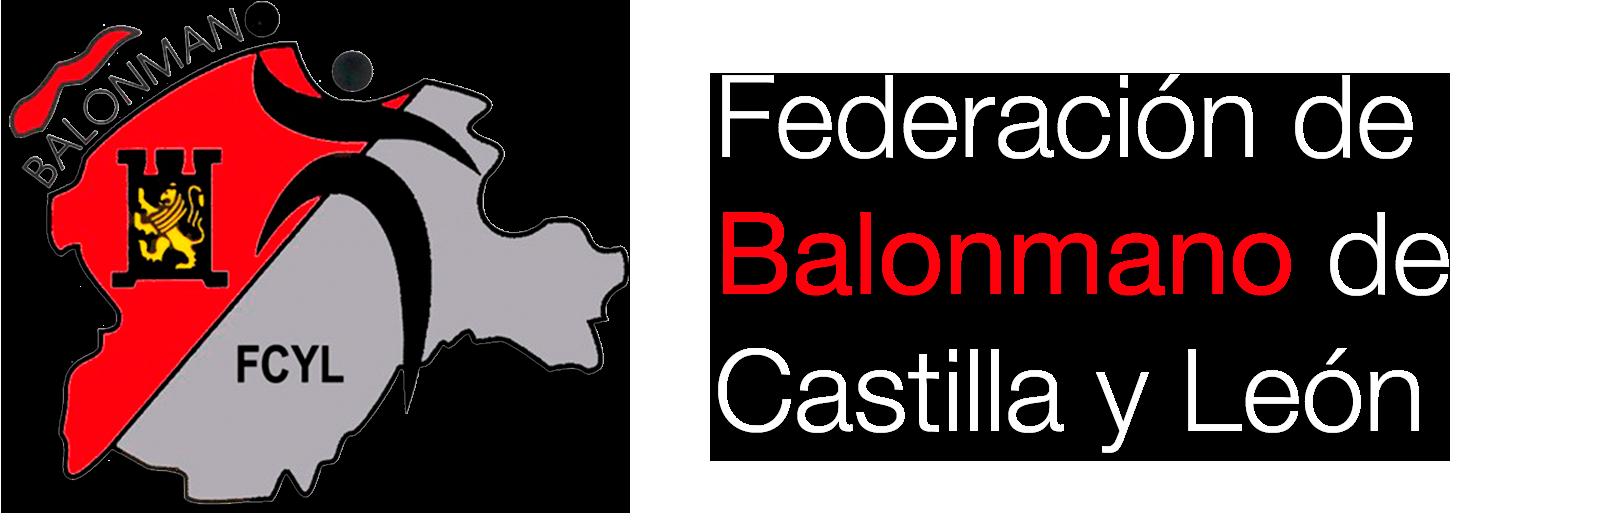 Delegación de Ávila de la Federación Territorial de Balonmano de Castilla y León